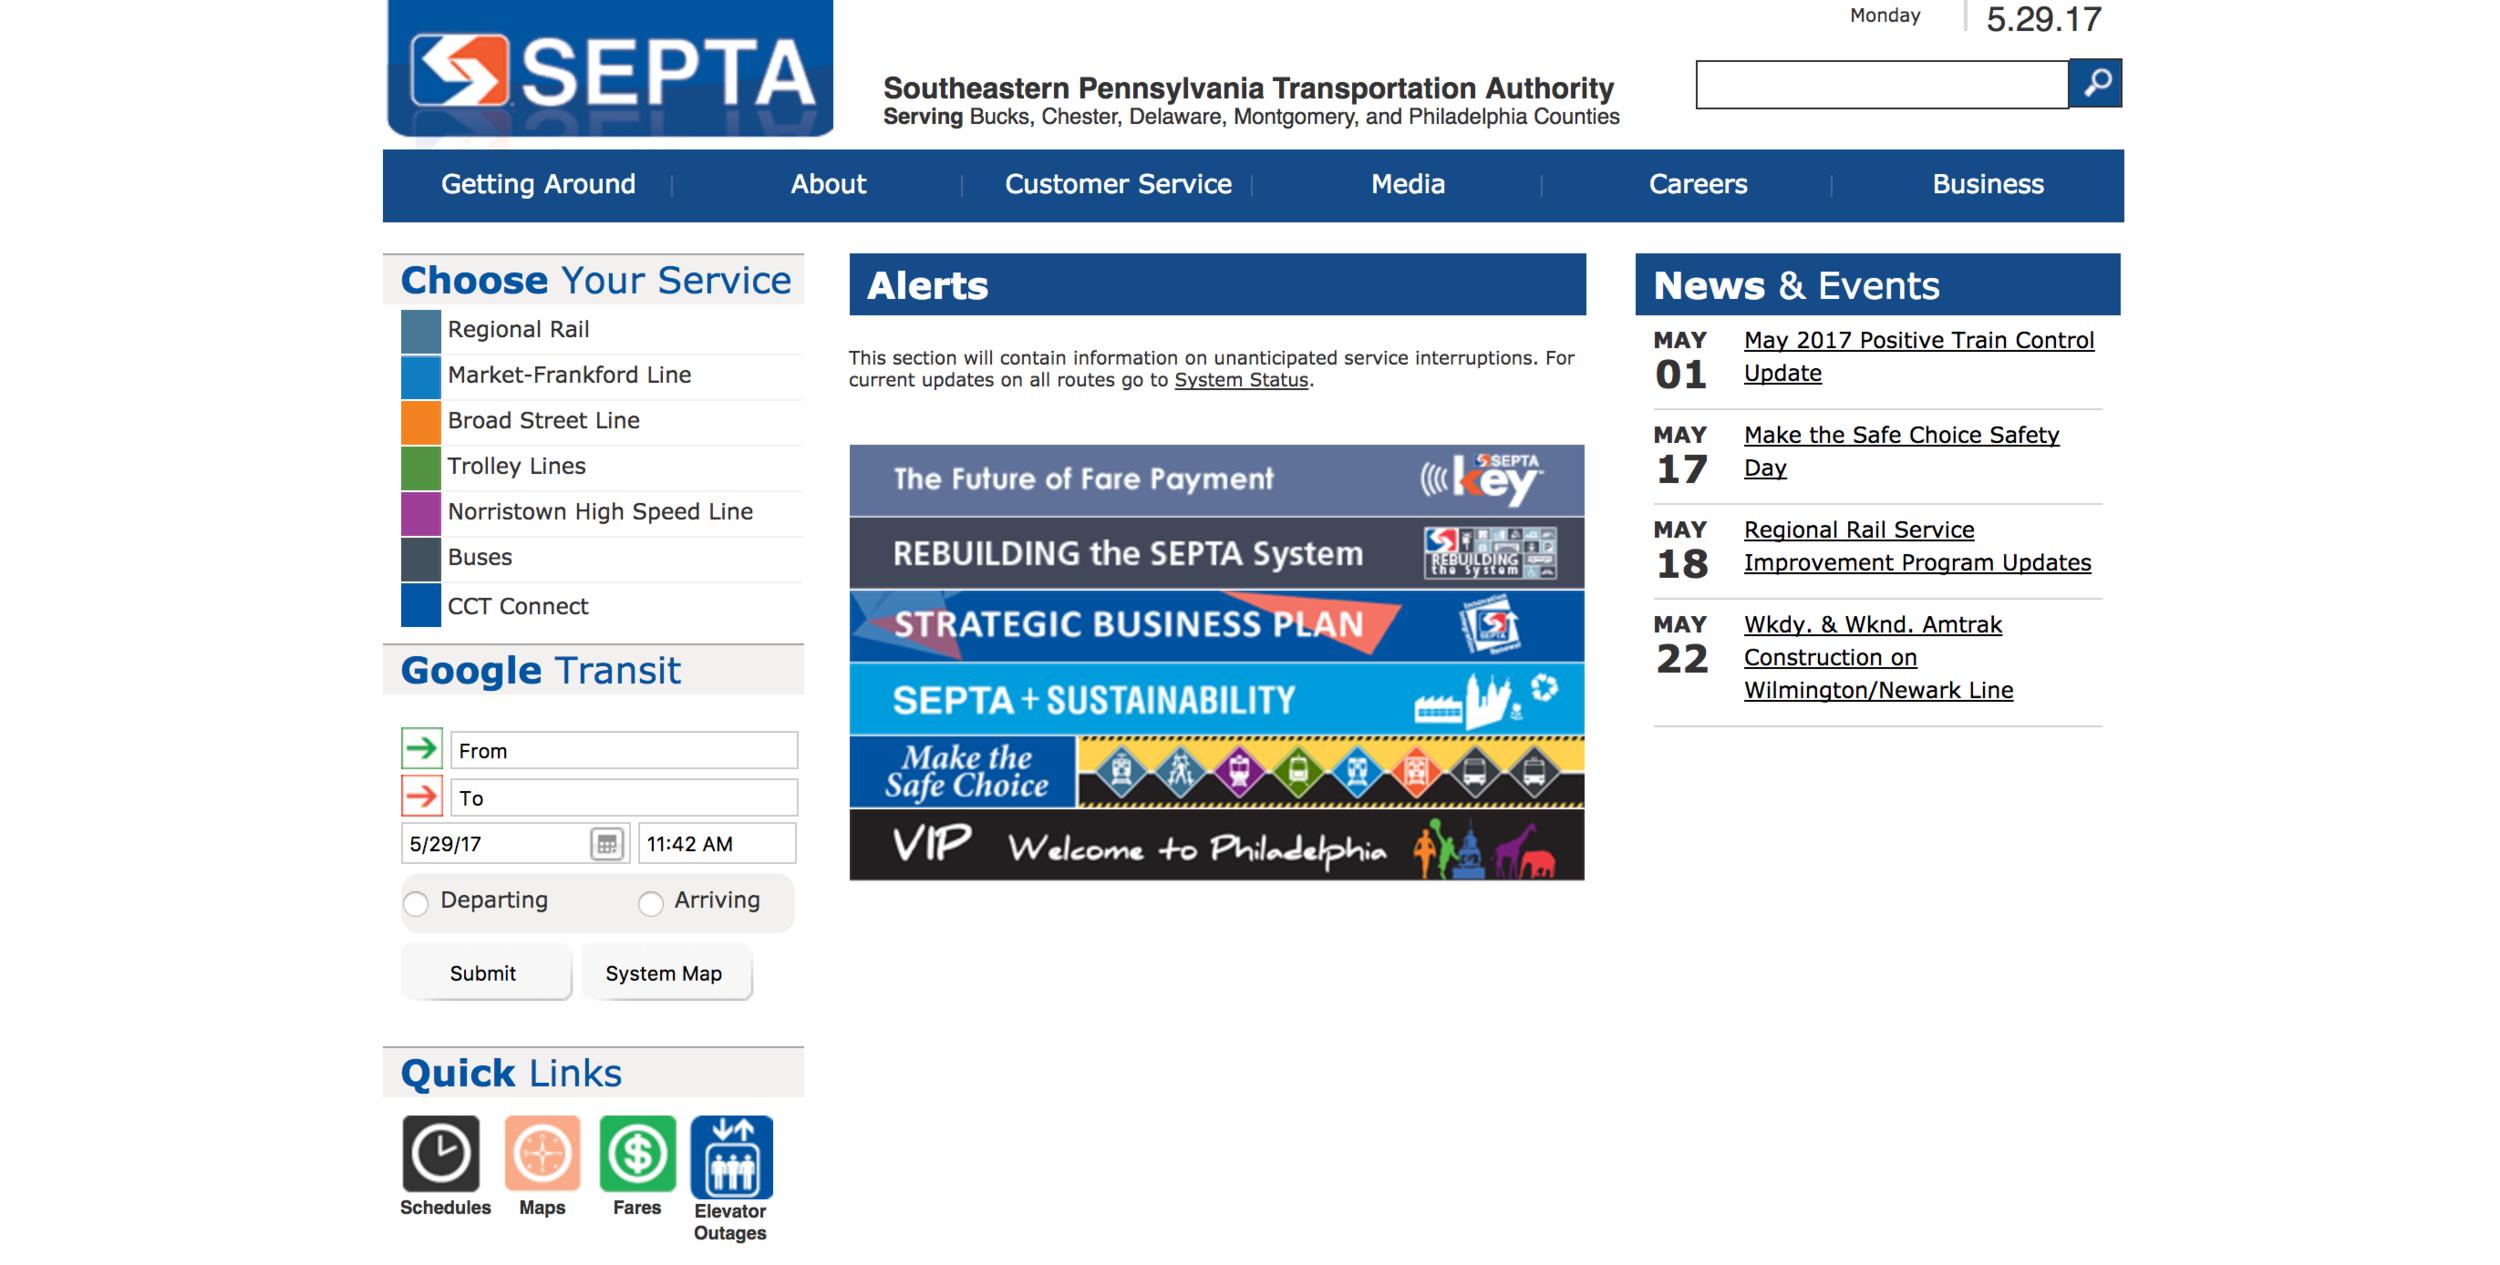 SEPTA's website